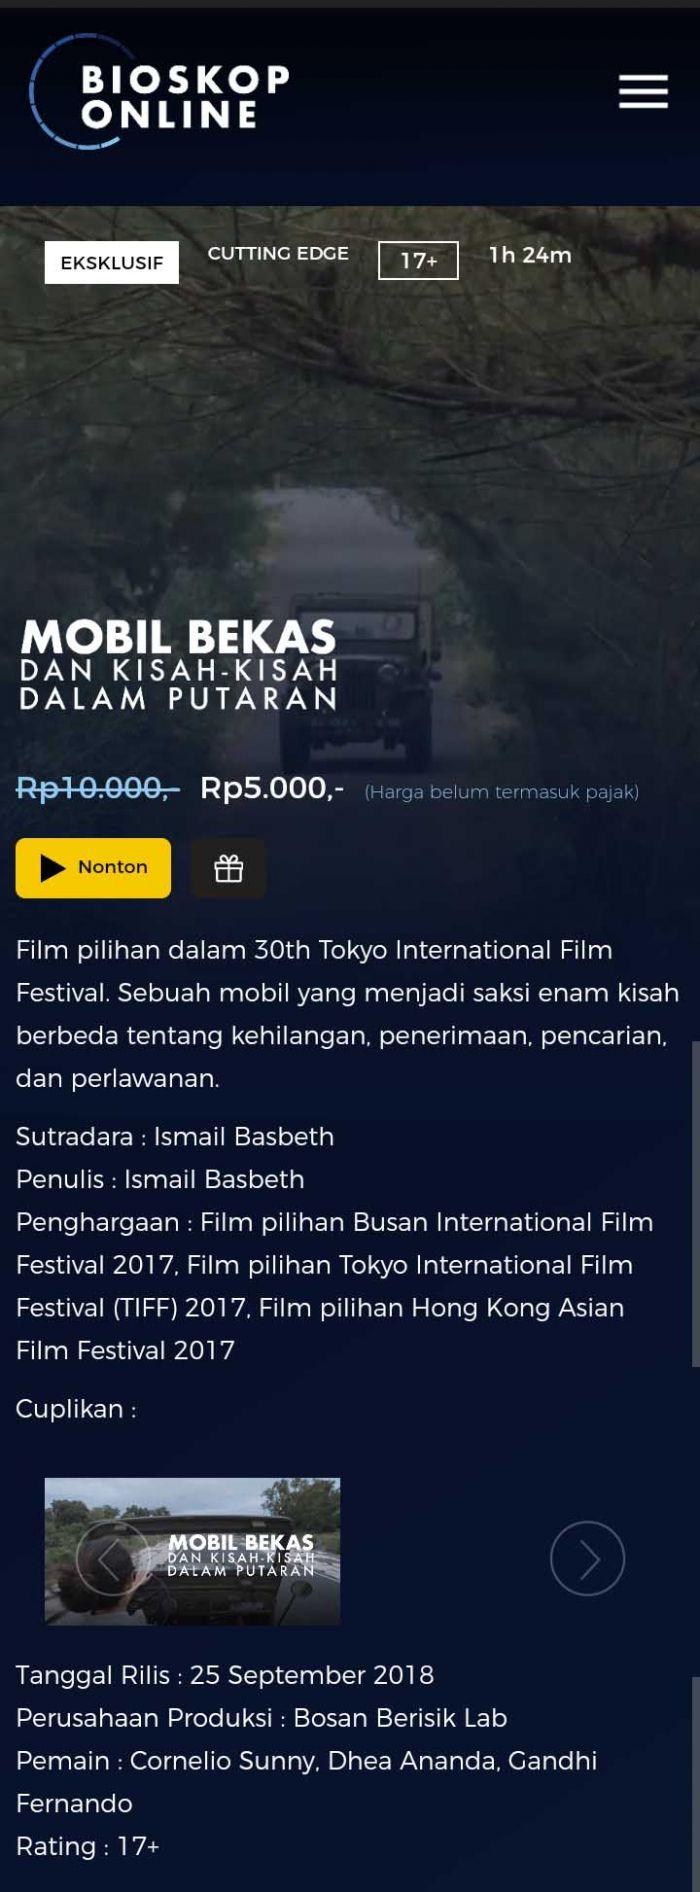 Bioskop Online Tempat Berburu Film Indonesia Yang Legal Kincir Com